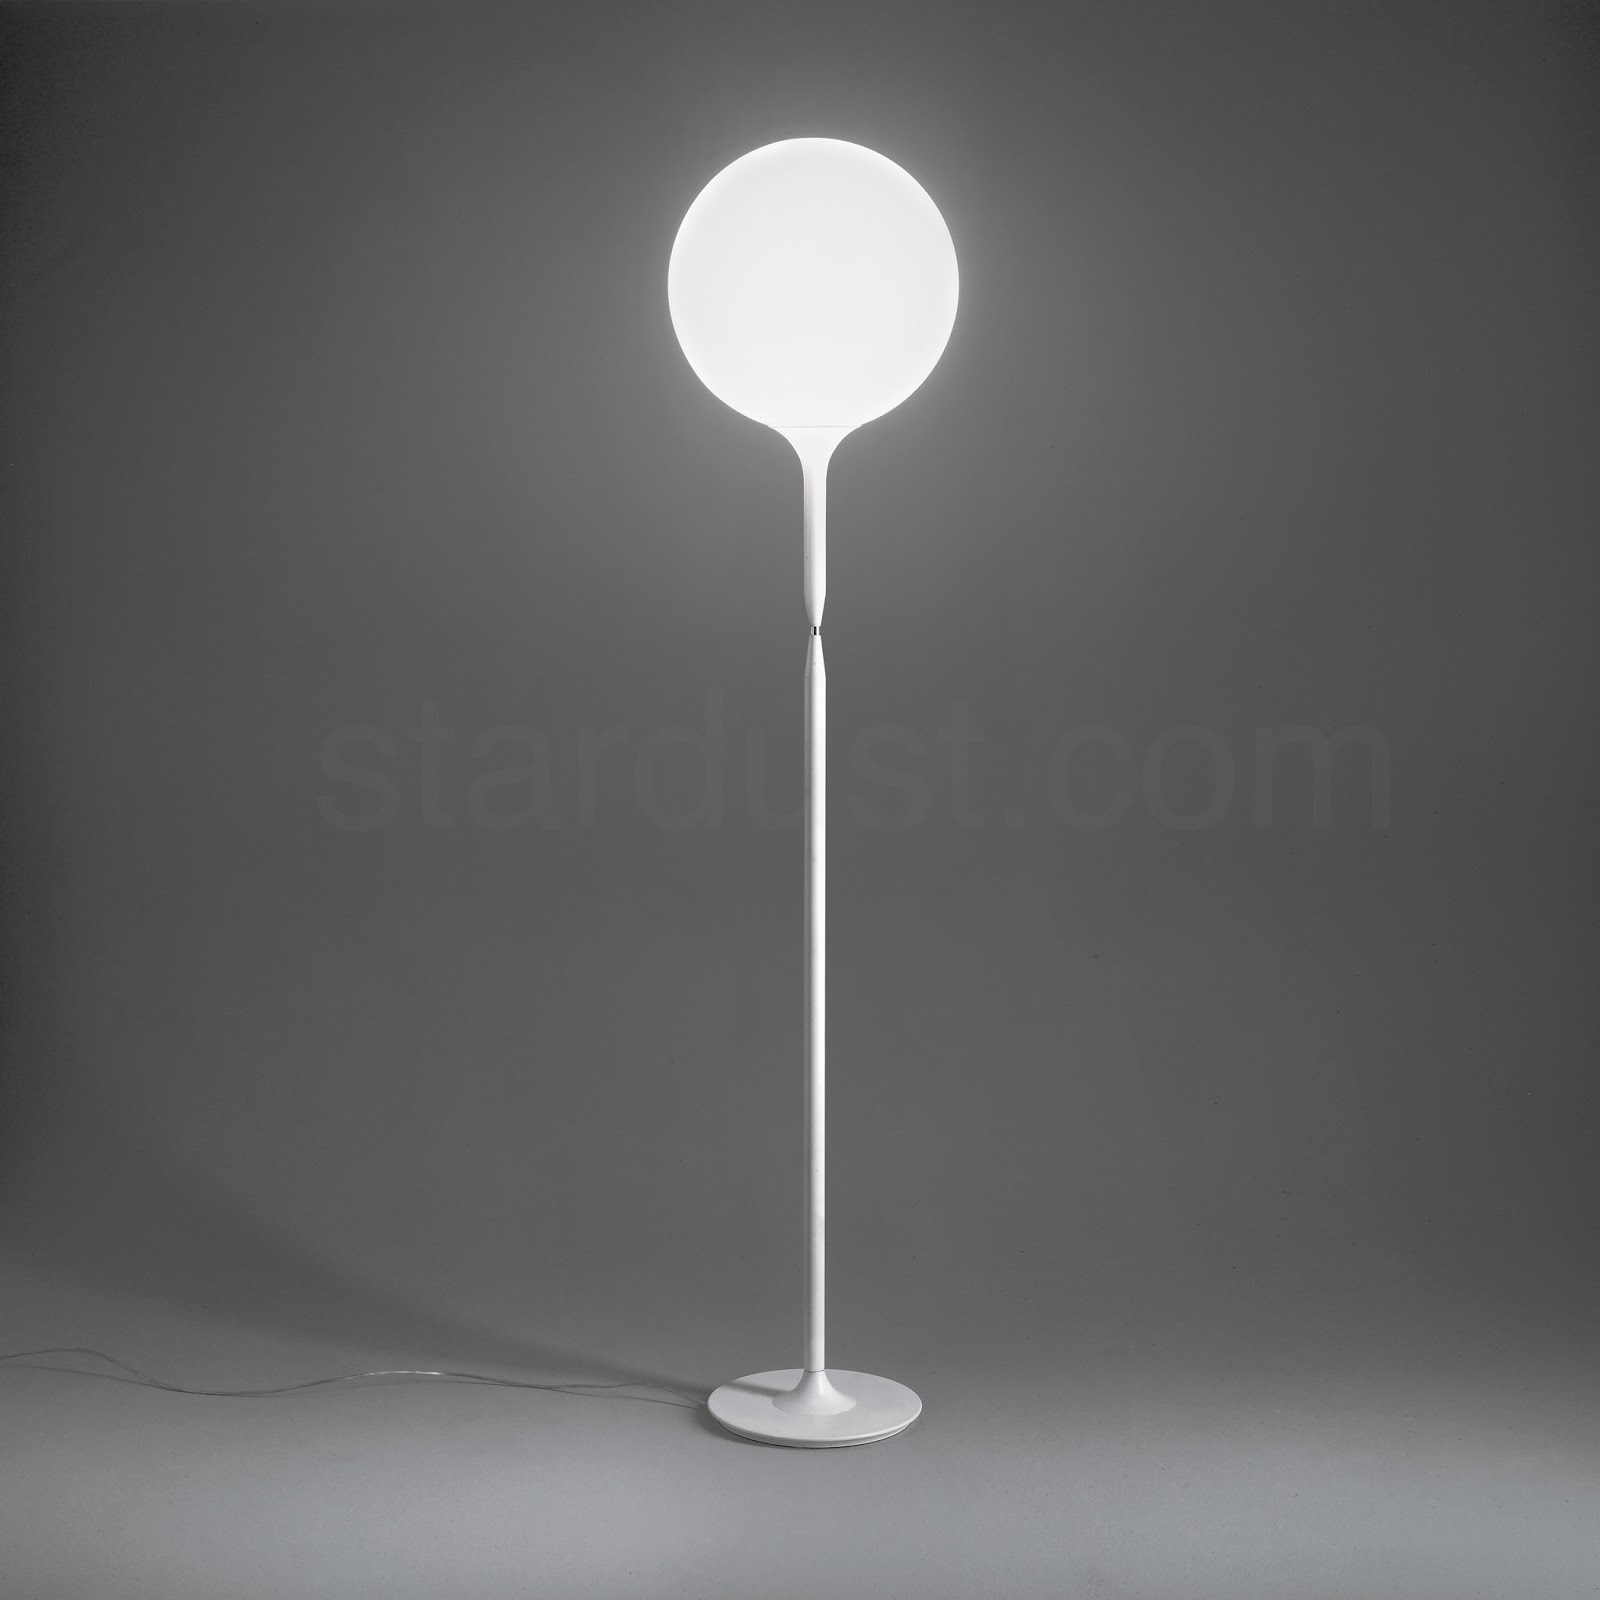 Castore 42 Tall Elegant Modern Floor Lamp White Round